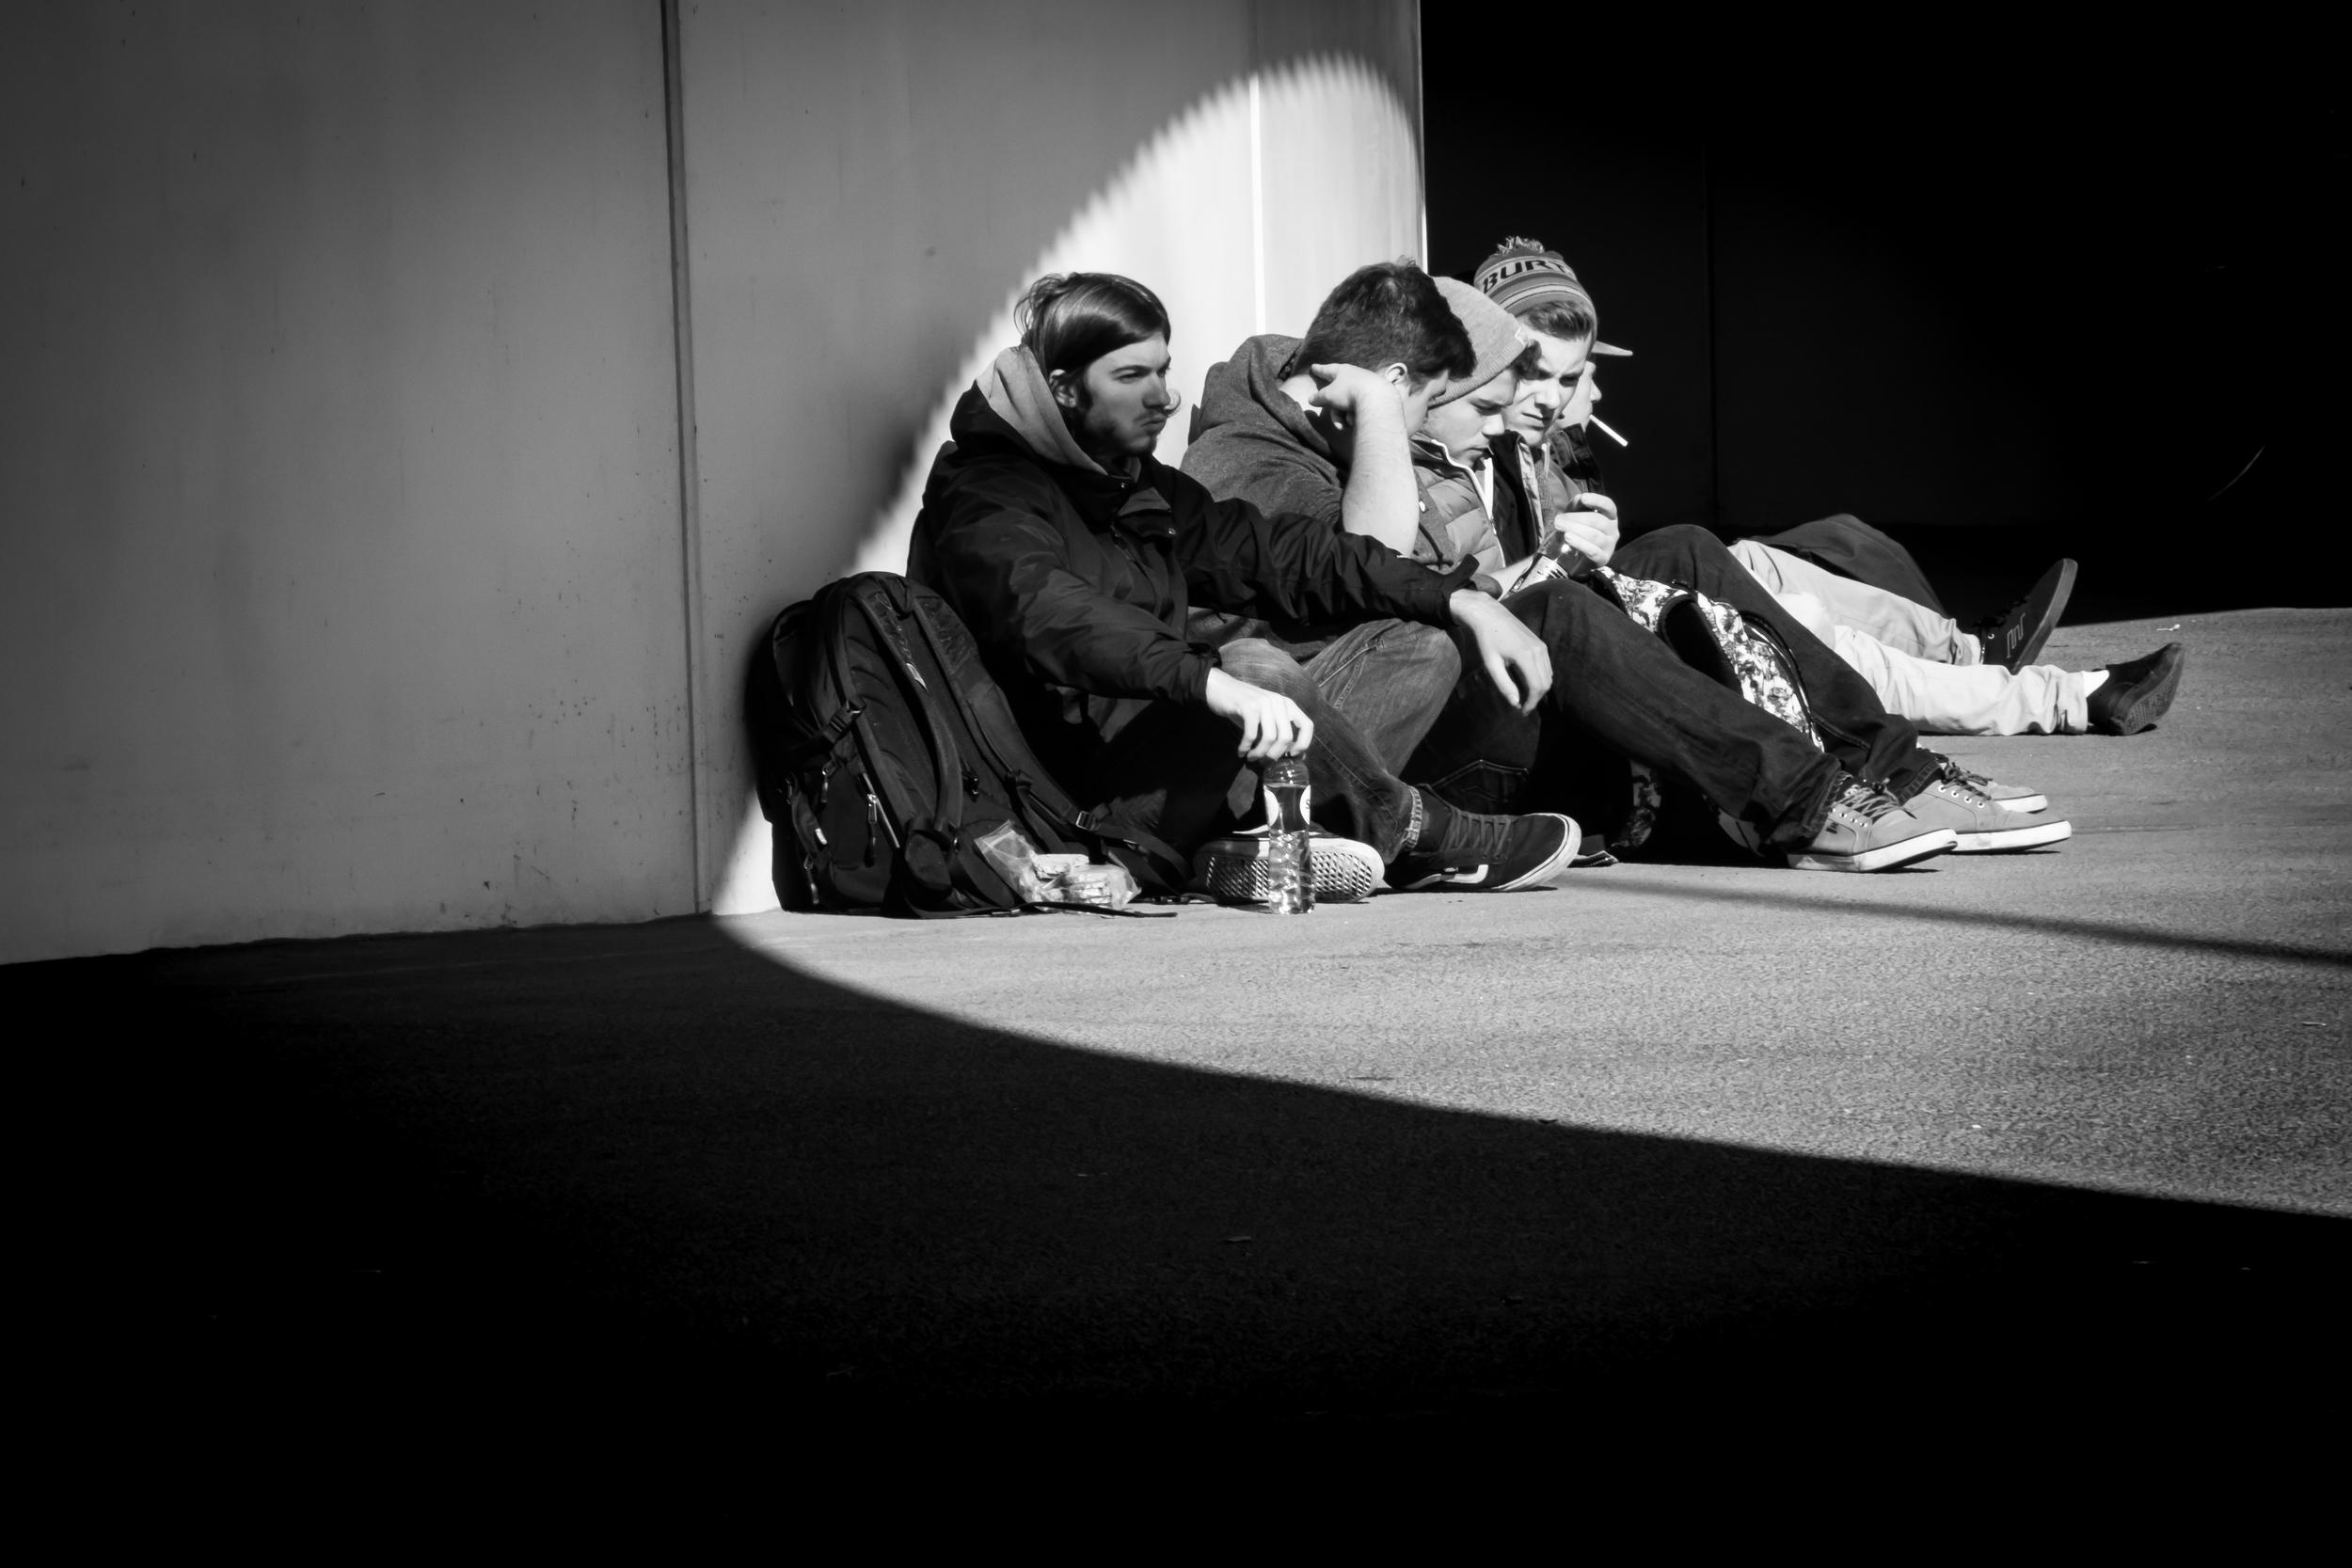 Straatfotografie - Jongeren genieten van hun lunch tijdens één van de zonnige nazomerdagen aan het station van Brugge.